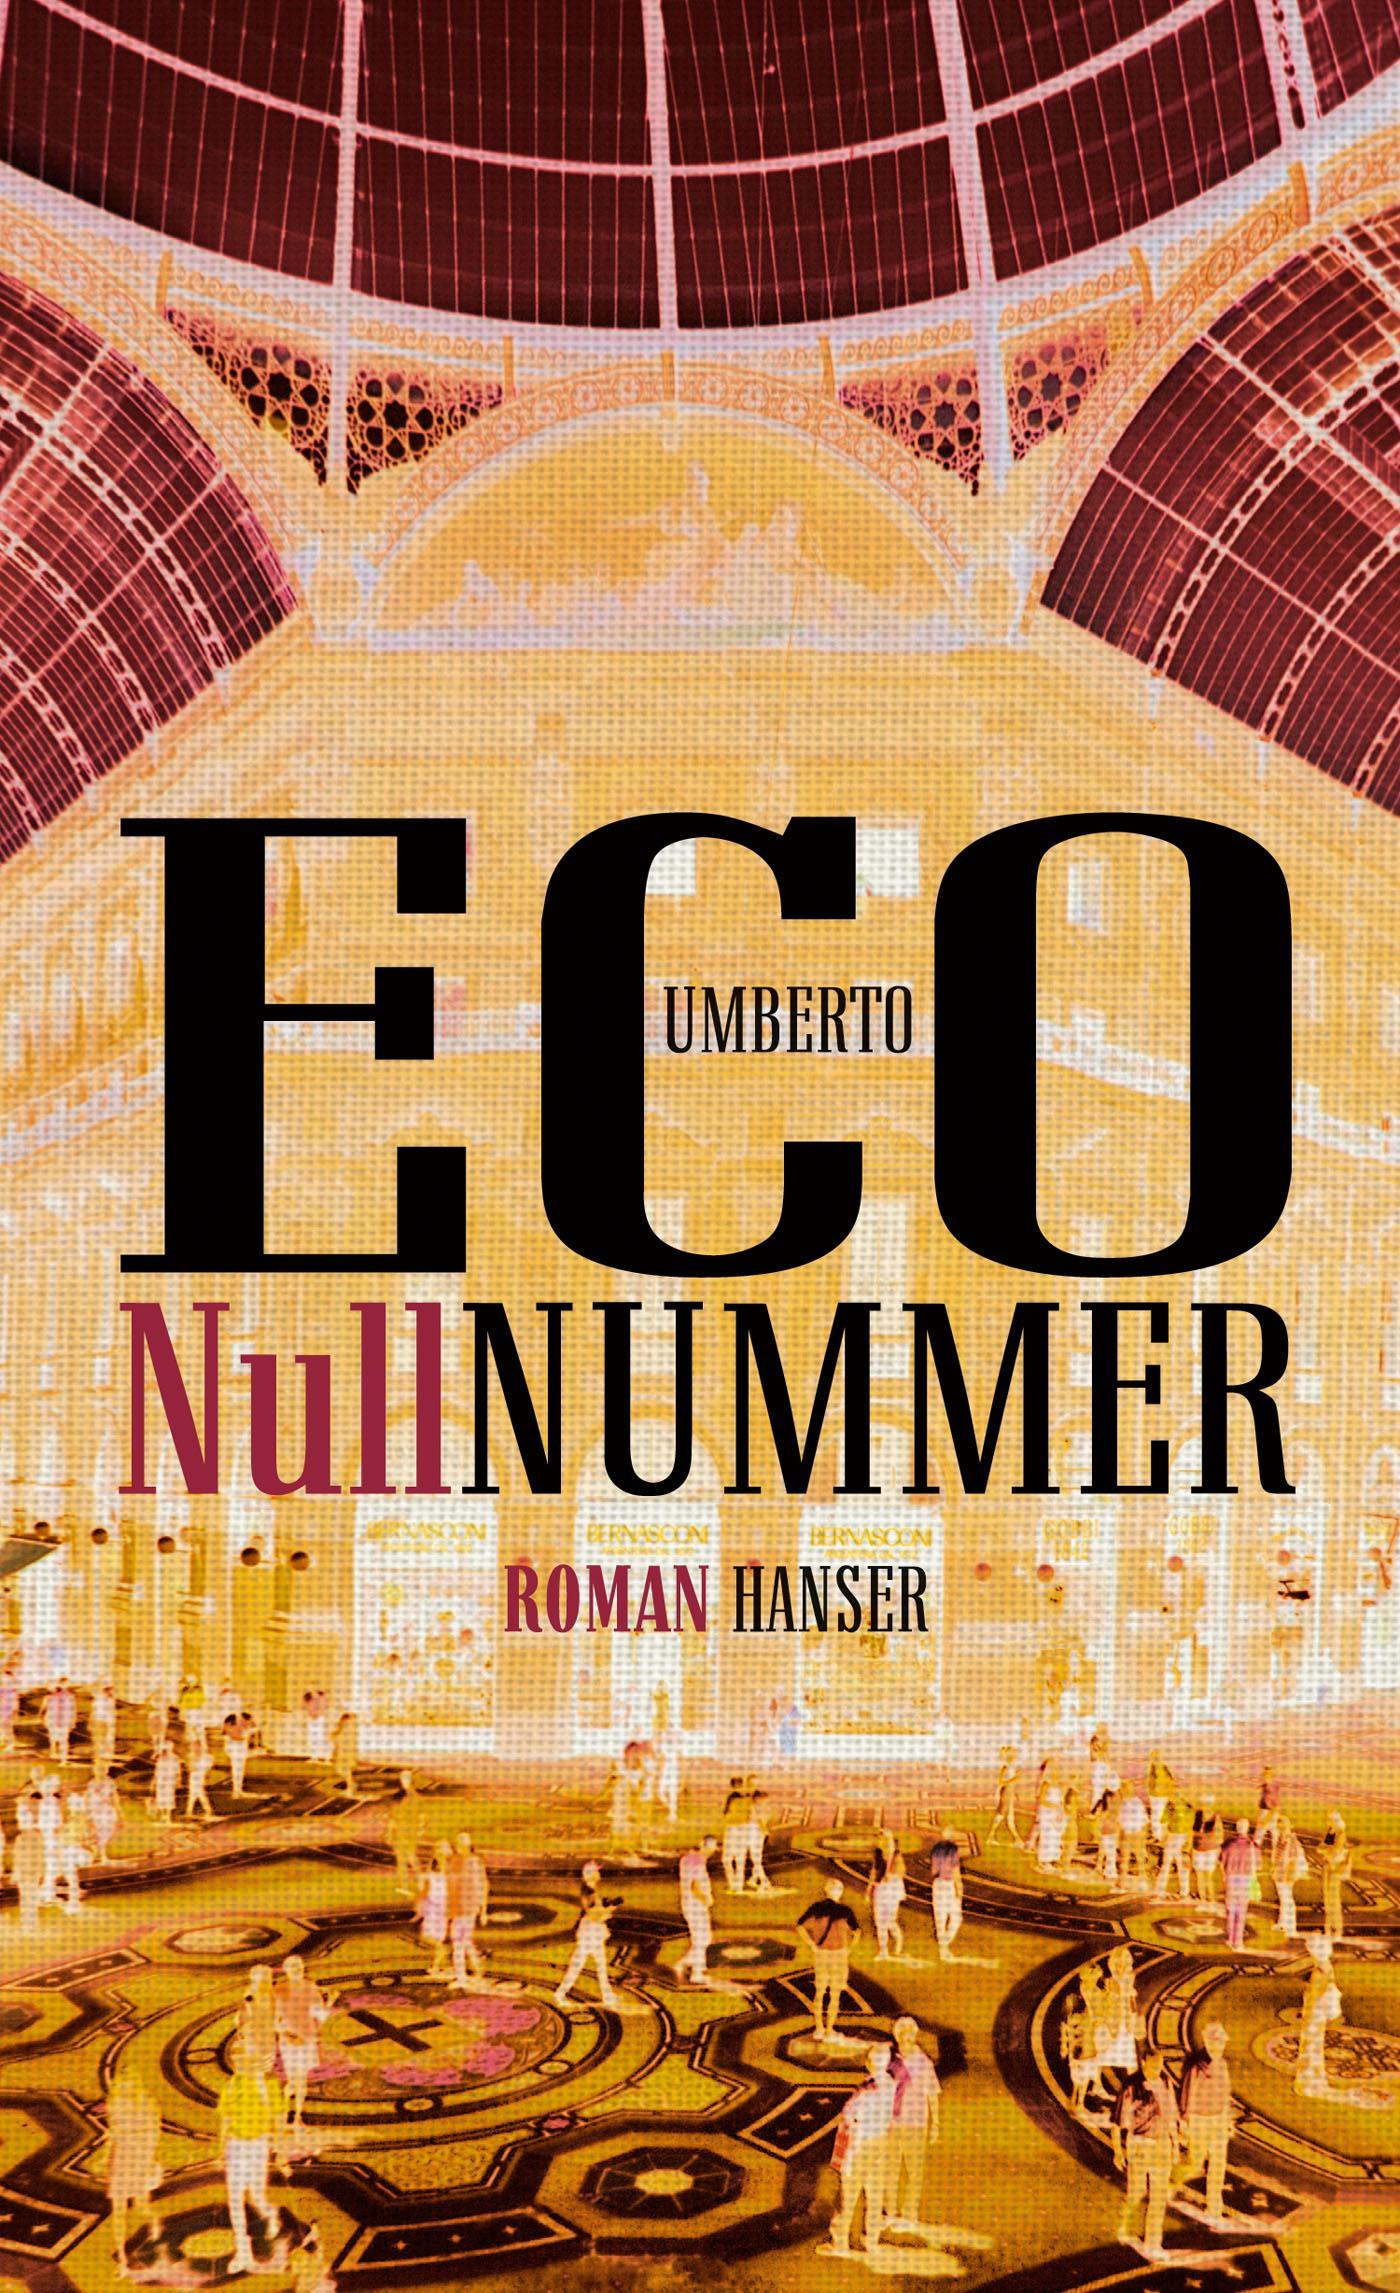 Nullnummer - Umberto Eco